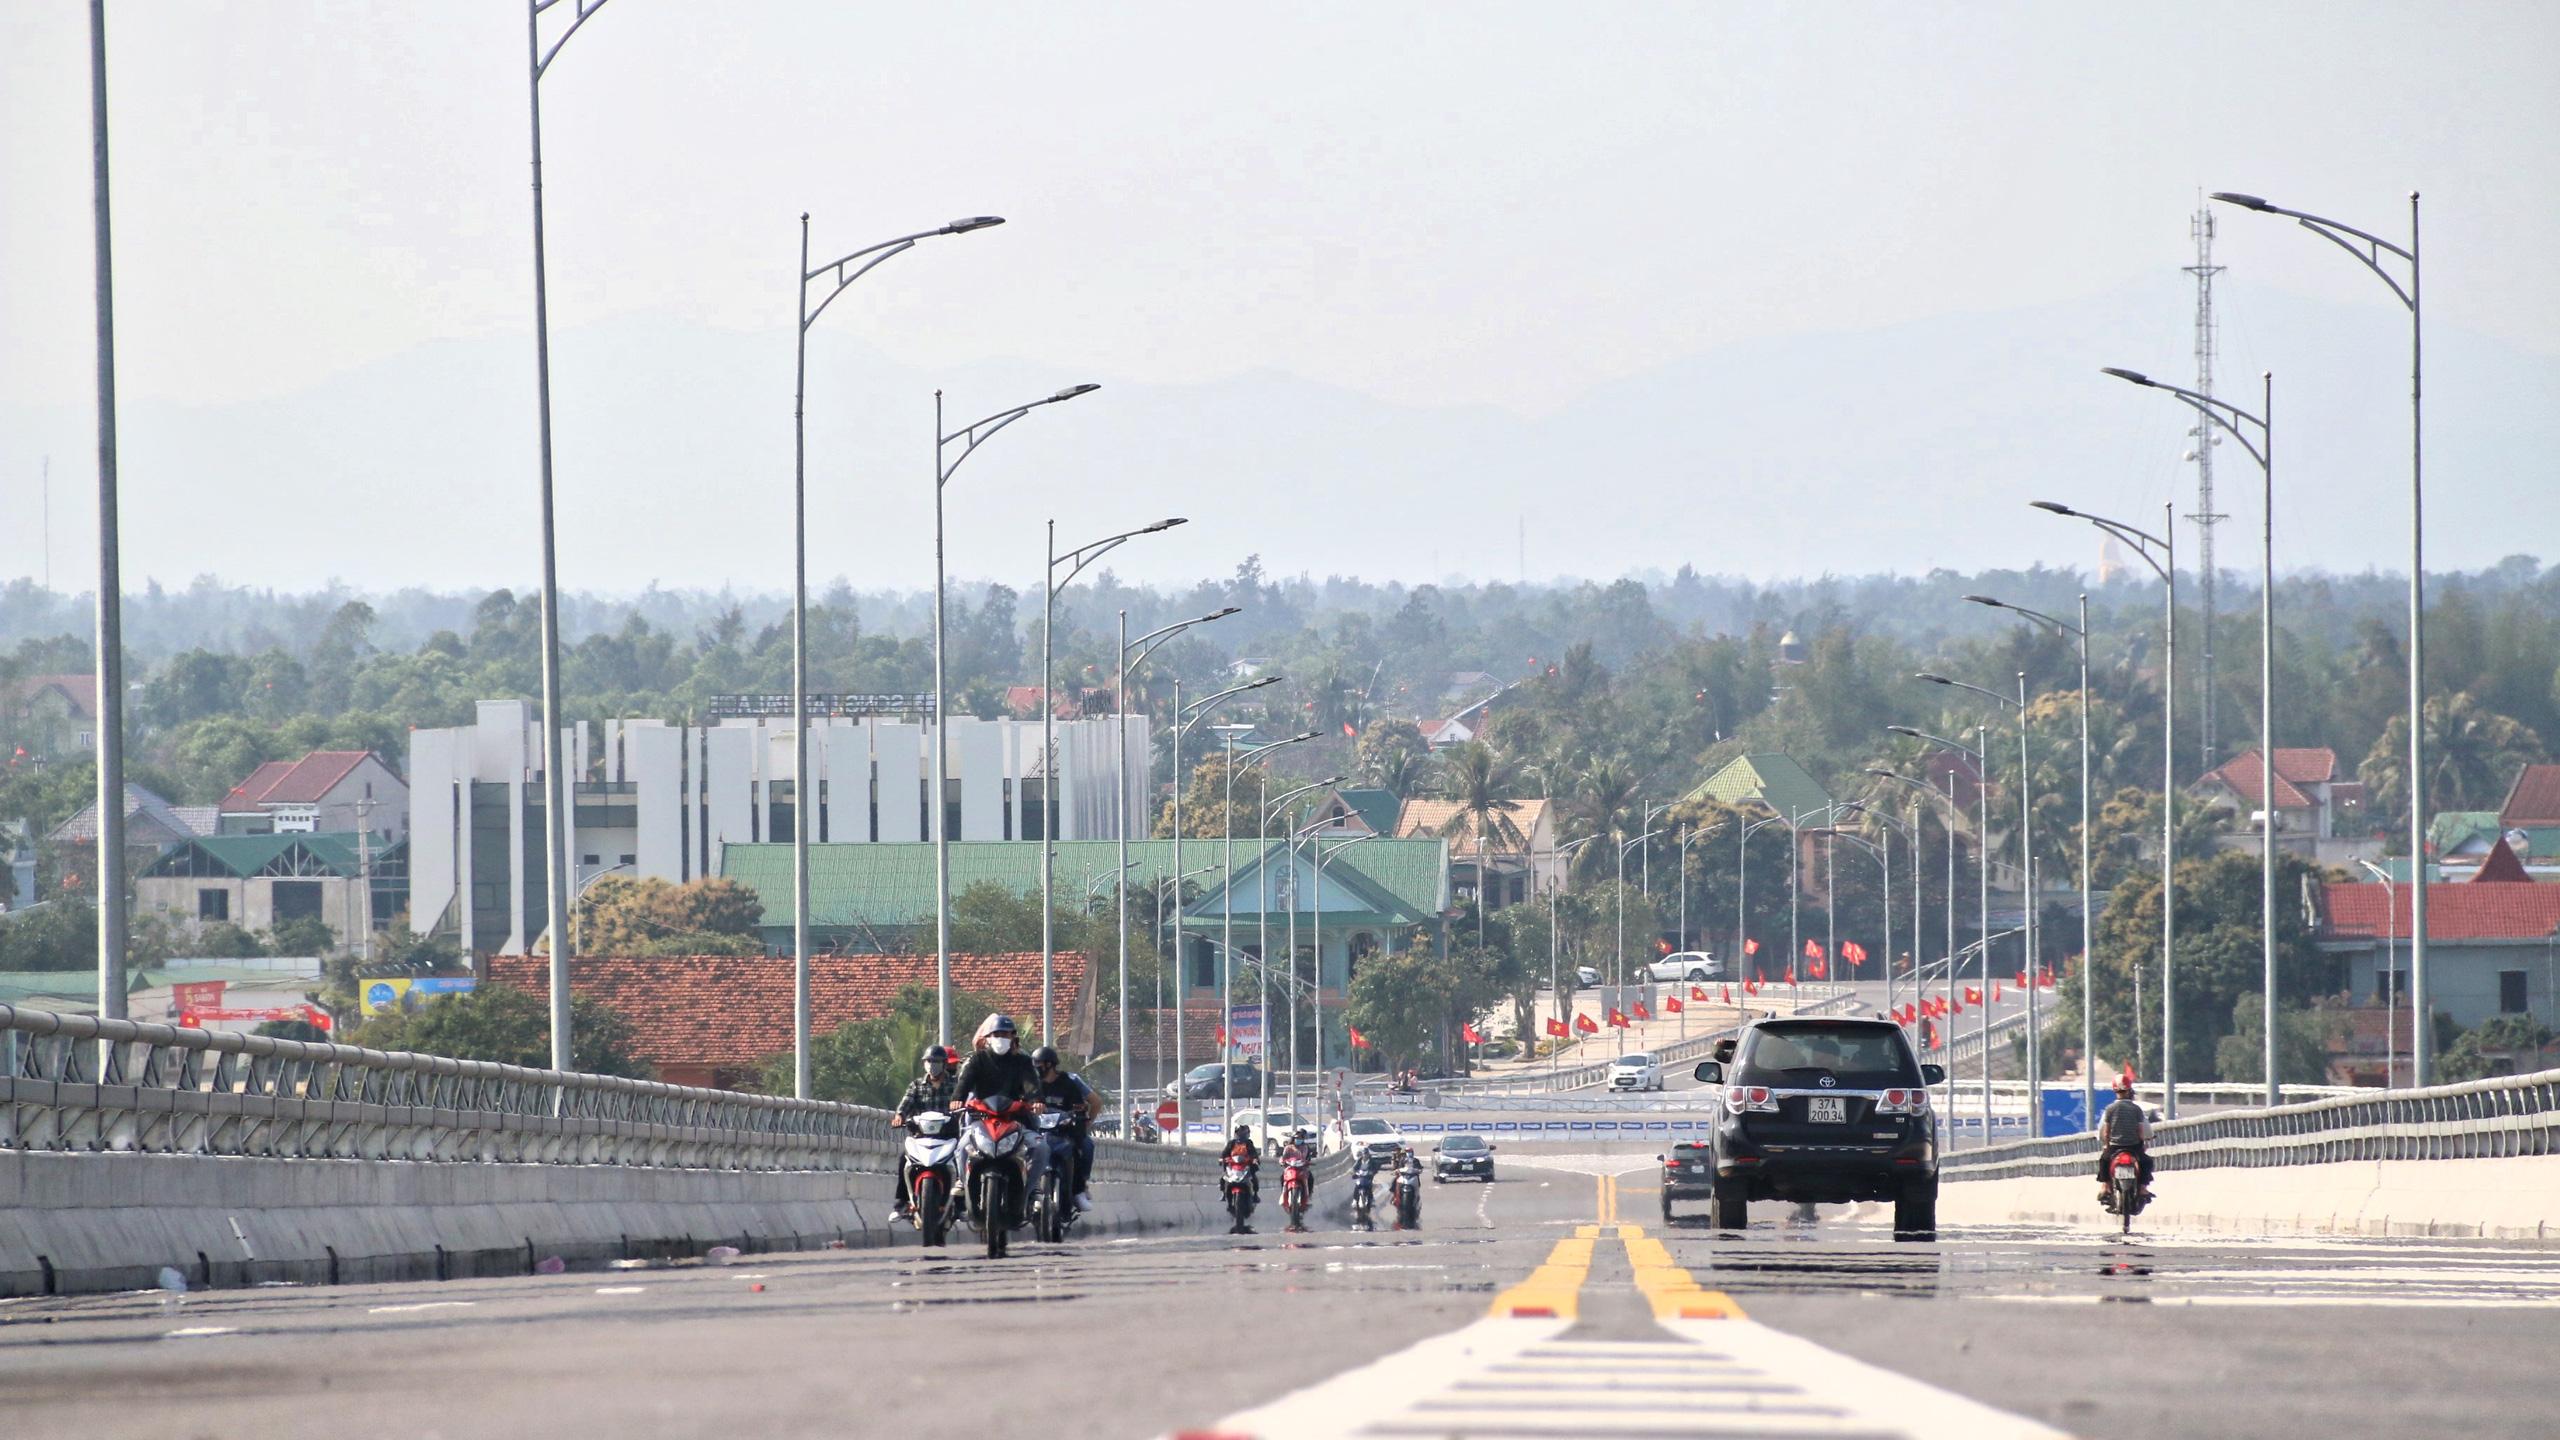 Người dân Nghệ An, Hà Tĩnh du xuân trên cầu gần nghìn tỷ vừa thông xe - Ảnh 13.